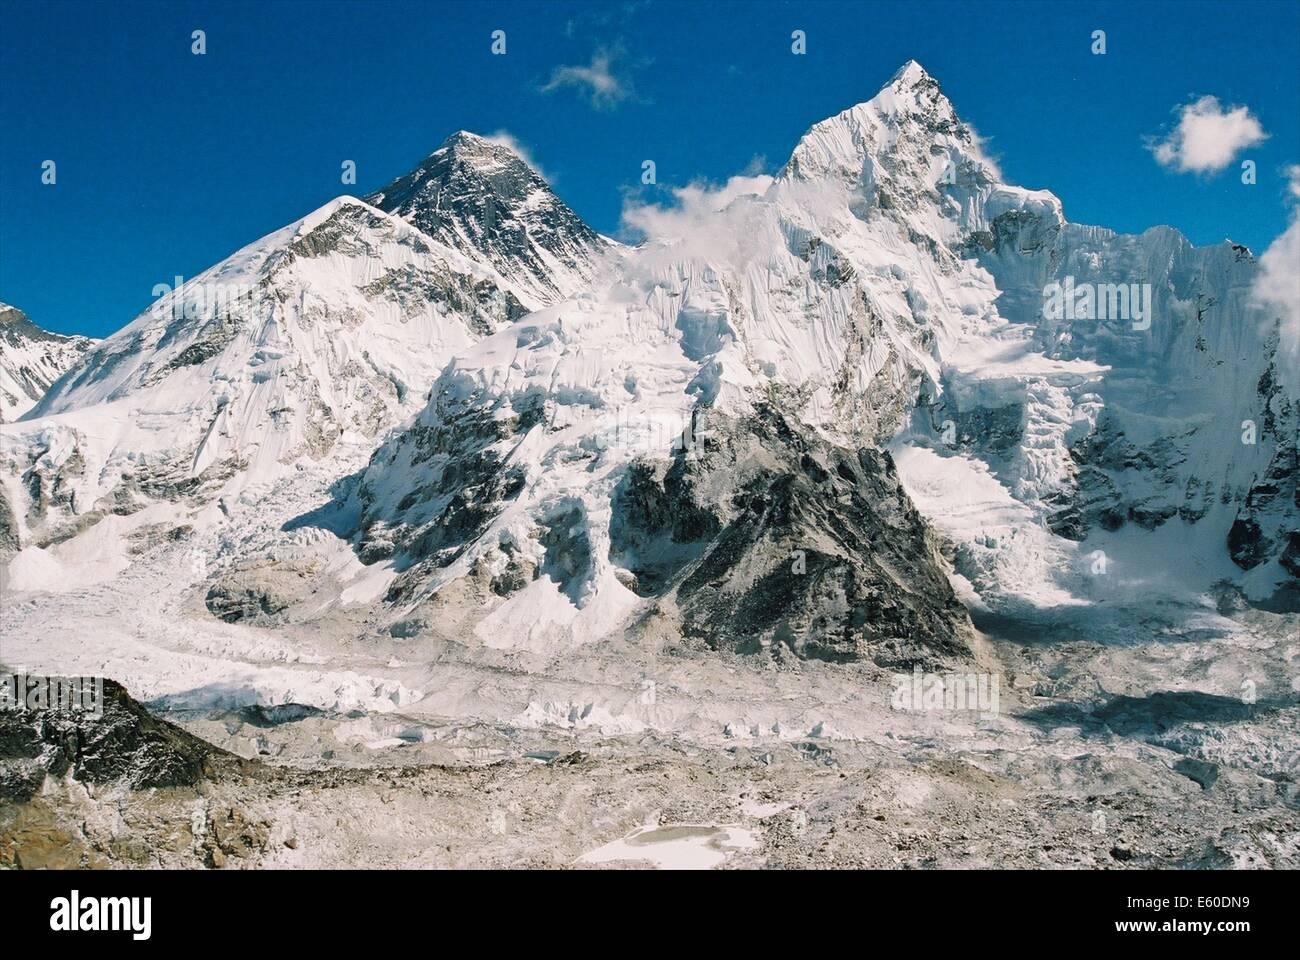 Le mont Everest, le plus haut sommet à 8885 m d'altitude, vue de la vallée du Khumbu, Népal Himalaya Photo Stock